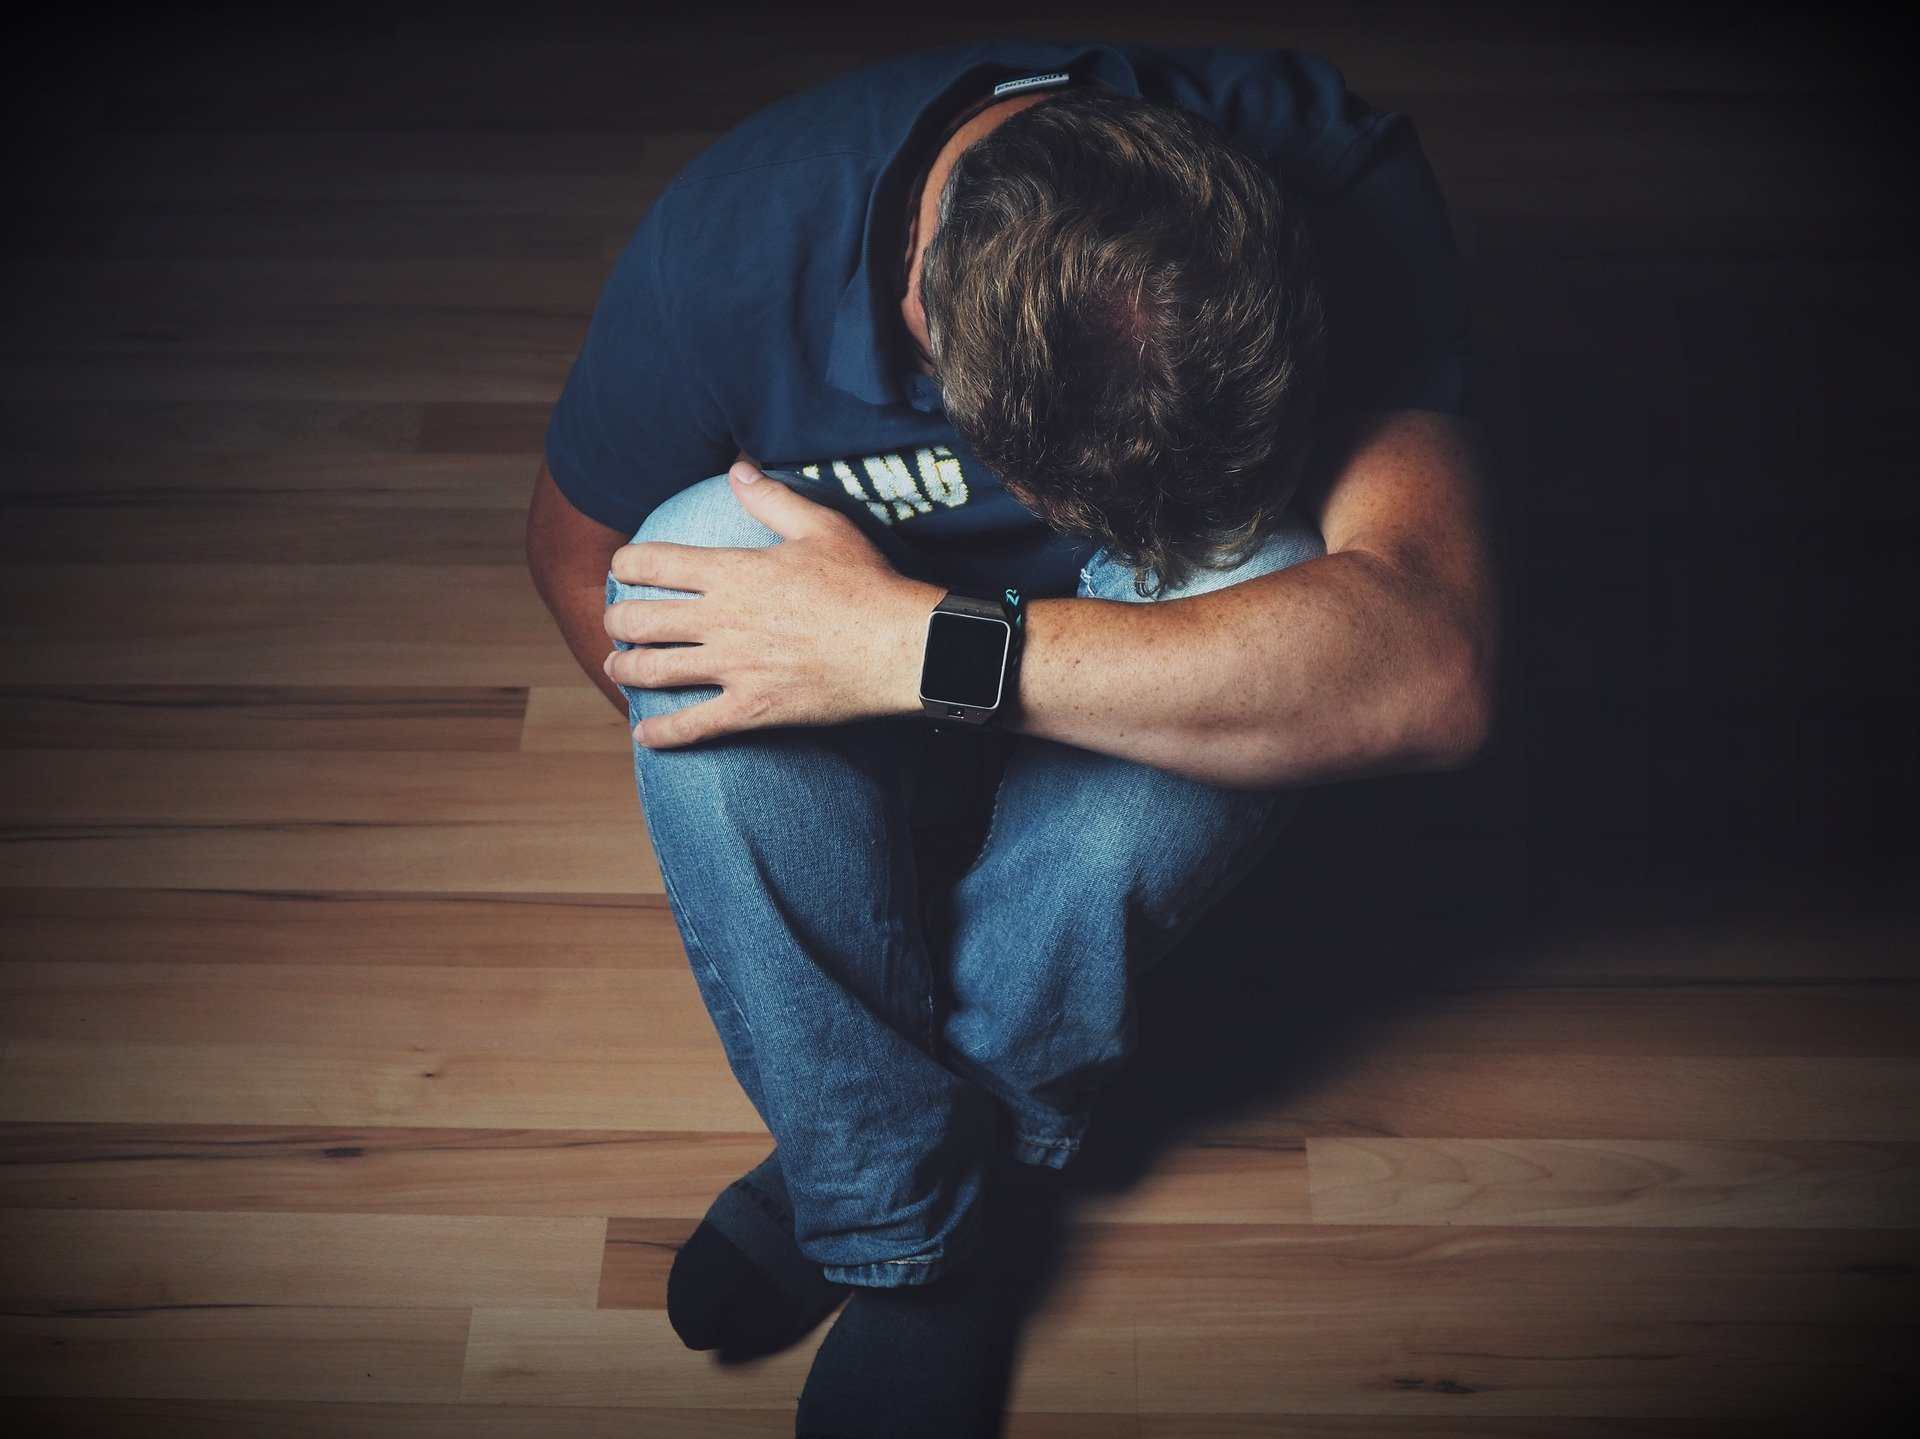 Mann sitzt in Abwehrhaltung auf dem Boden